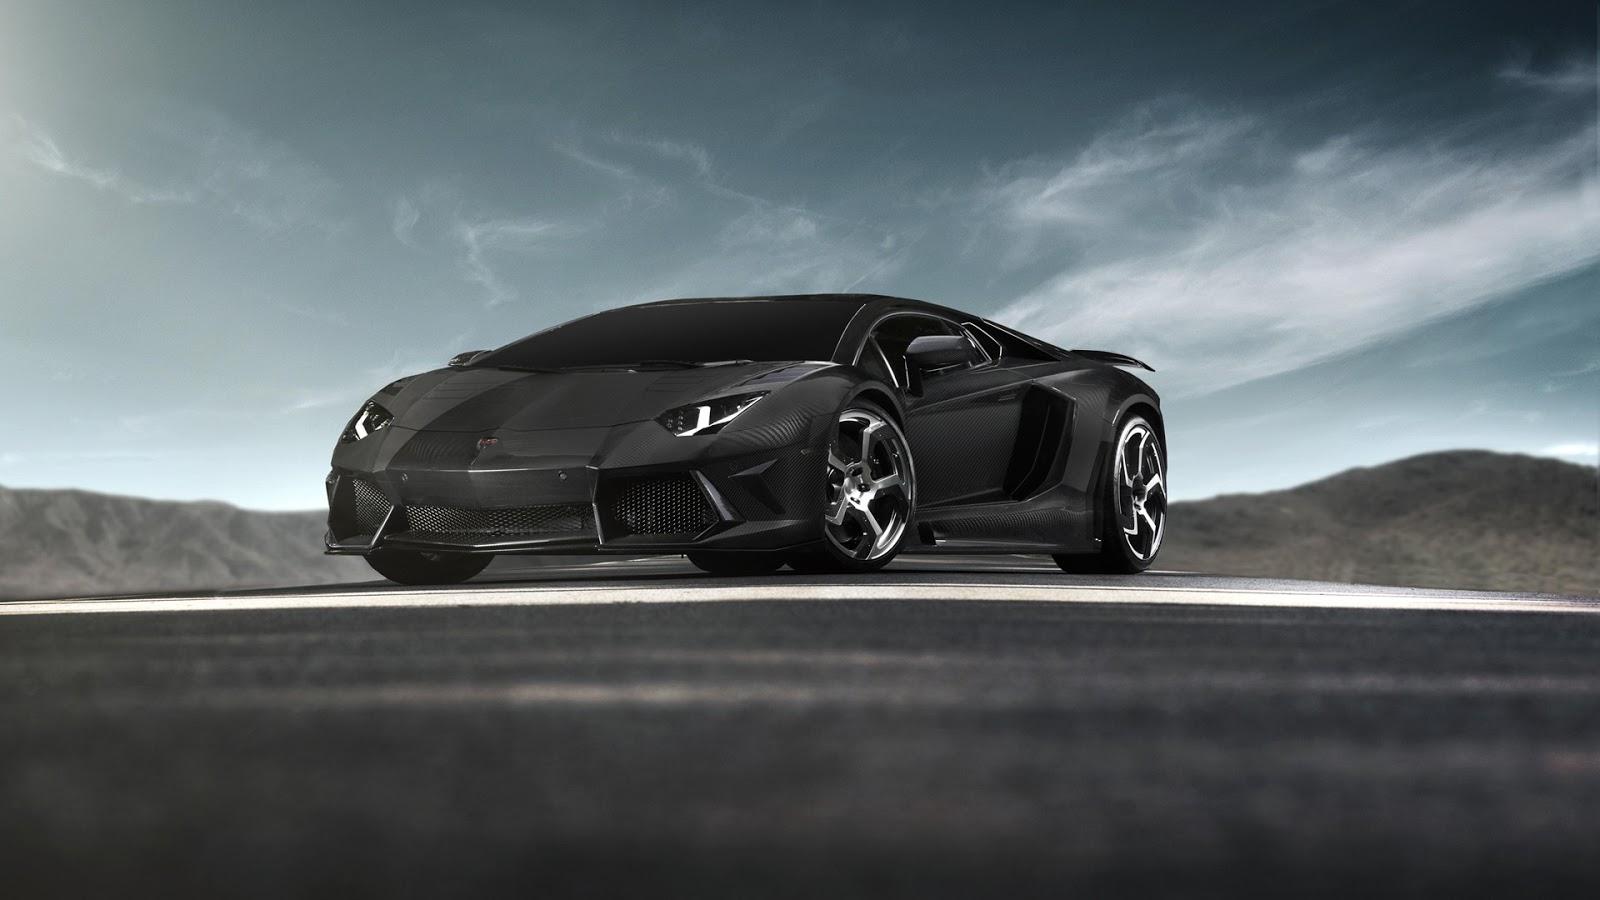 super hd wallpaper super car full hd desktop wallpapers - Super Cool Cars Wallpapers Hd